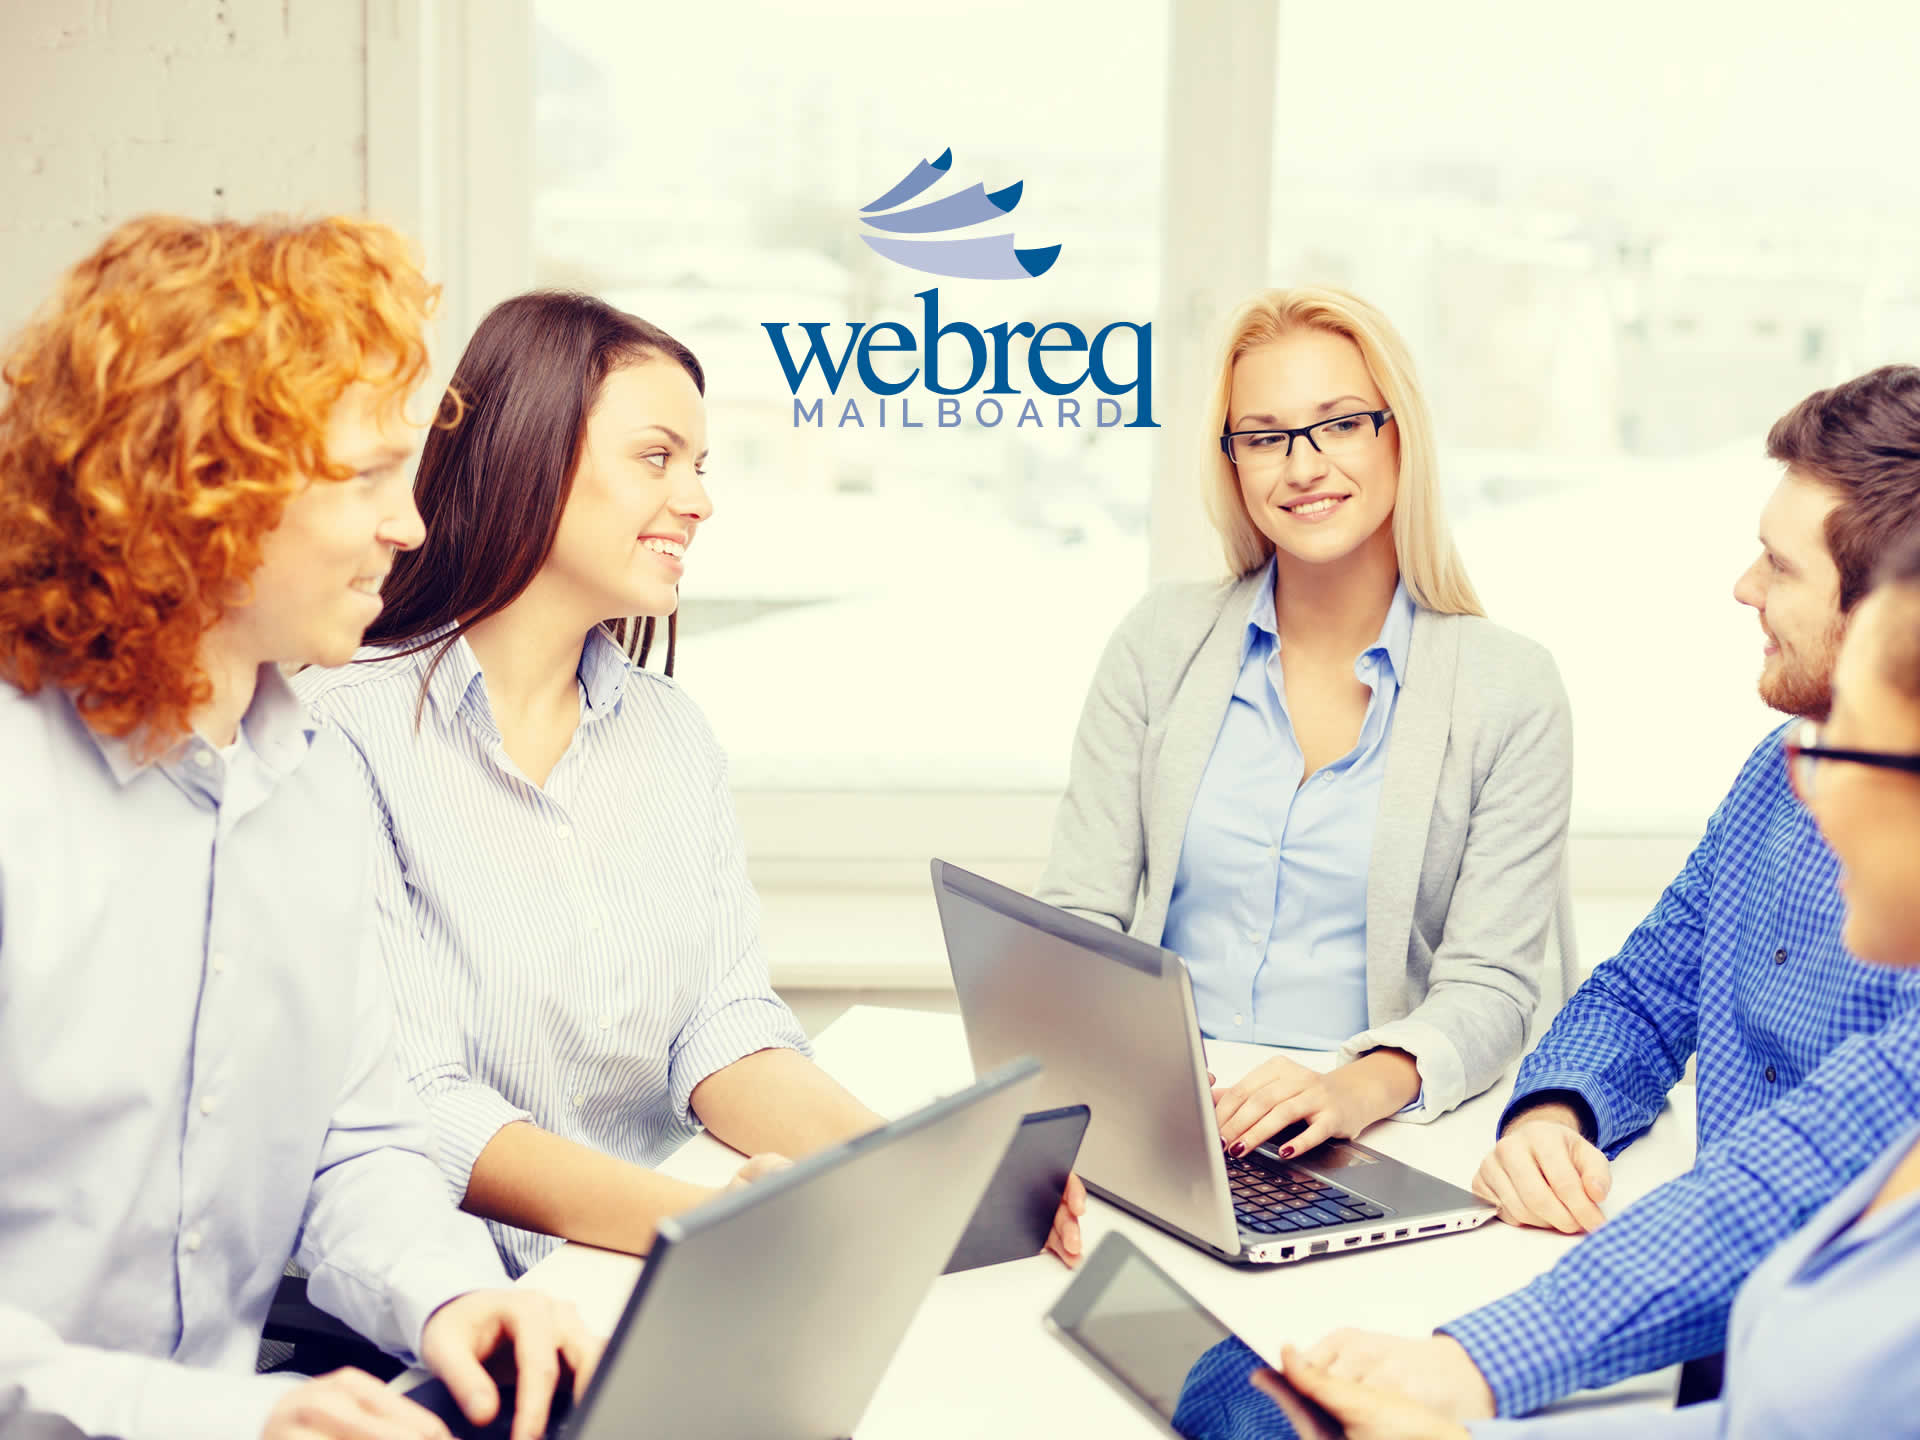 Webreq Mailboard